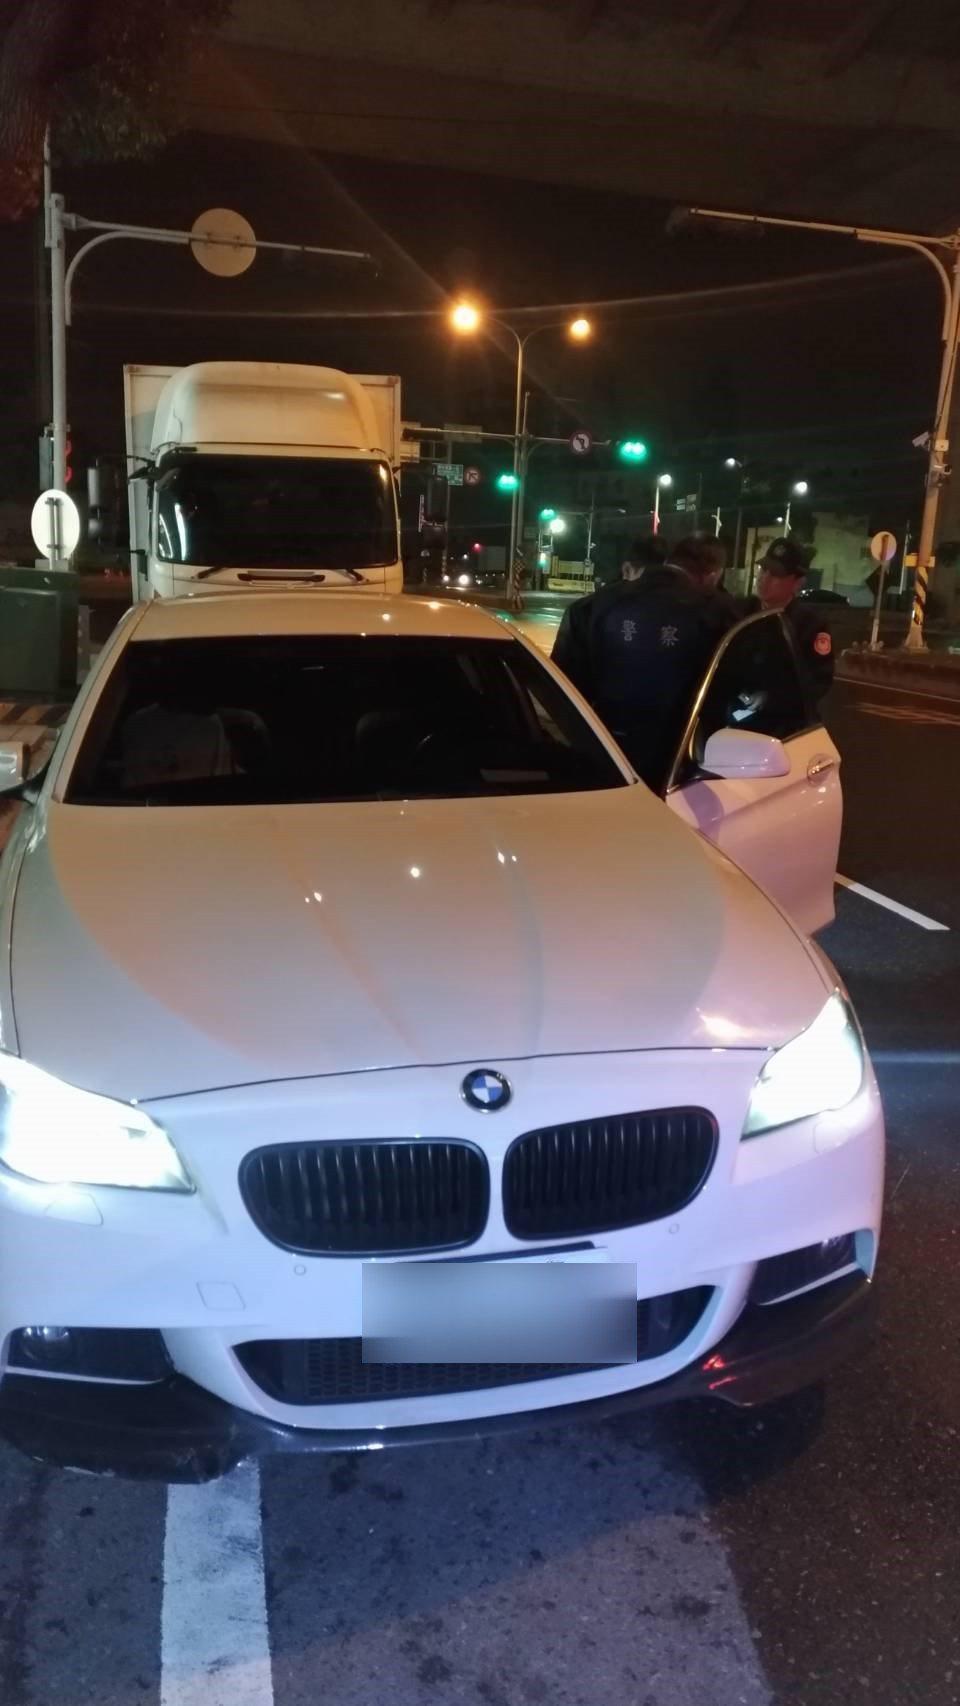 警方在陳男車上起出毒咖啡包,並測出呈二級毒品甲基卡西酮毒品陽性反應,即俗稱的「喪...